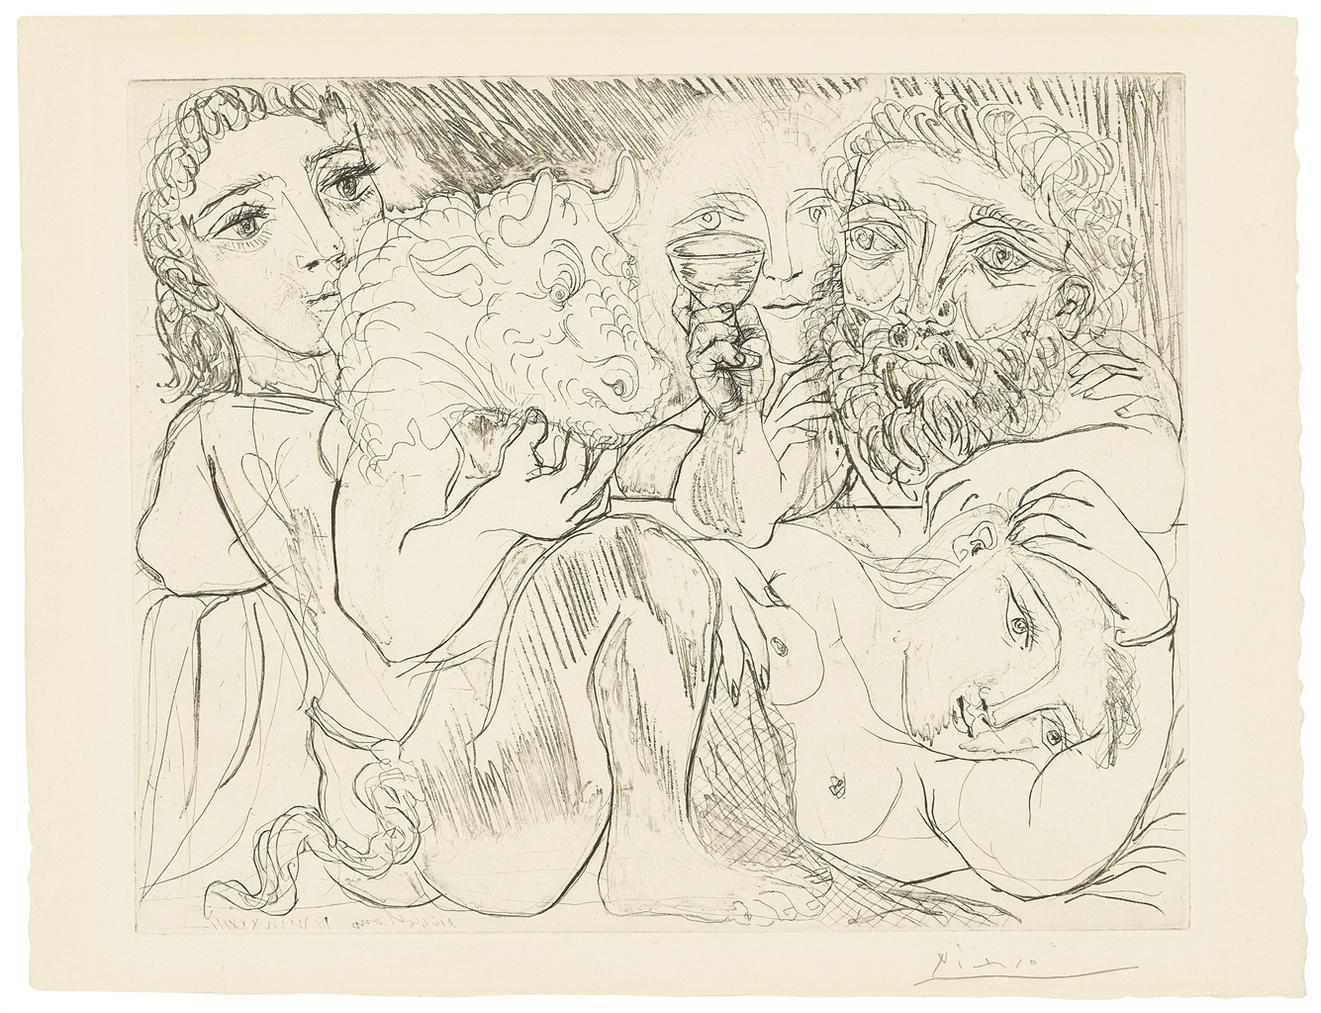 Pablo Picasso-Minotaur, Buveur Et Femmes, From: La Suite Vollard-1933